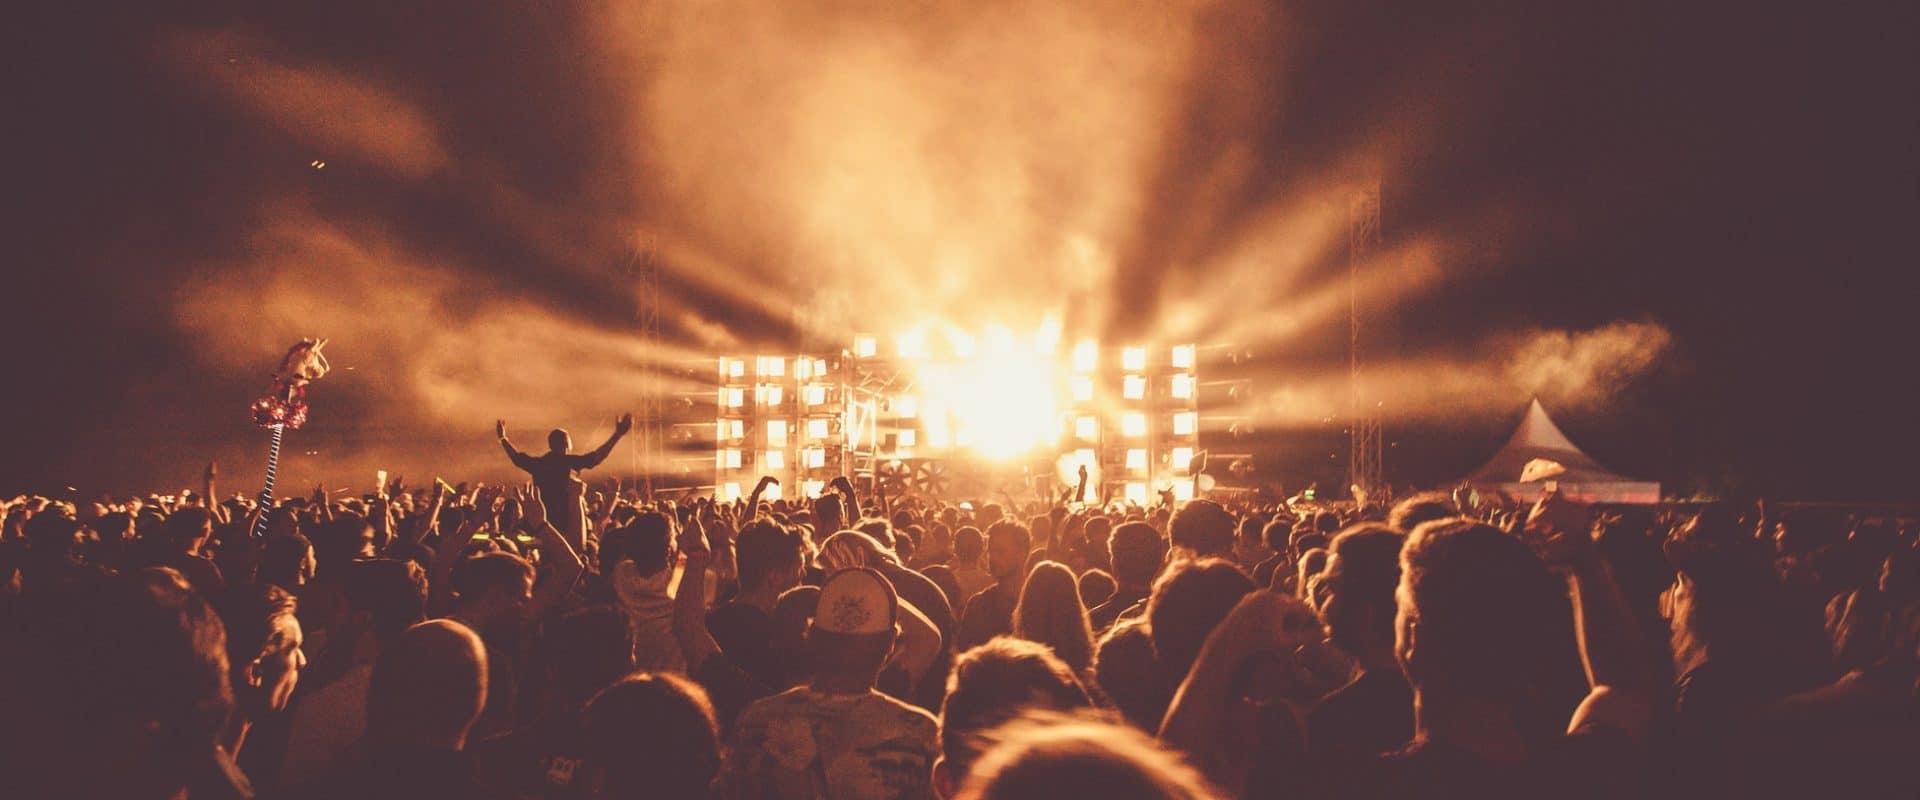 Hyr ett kassasystem för nästa festival